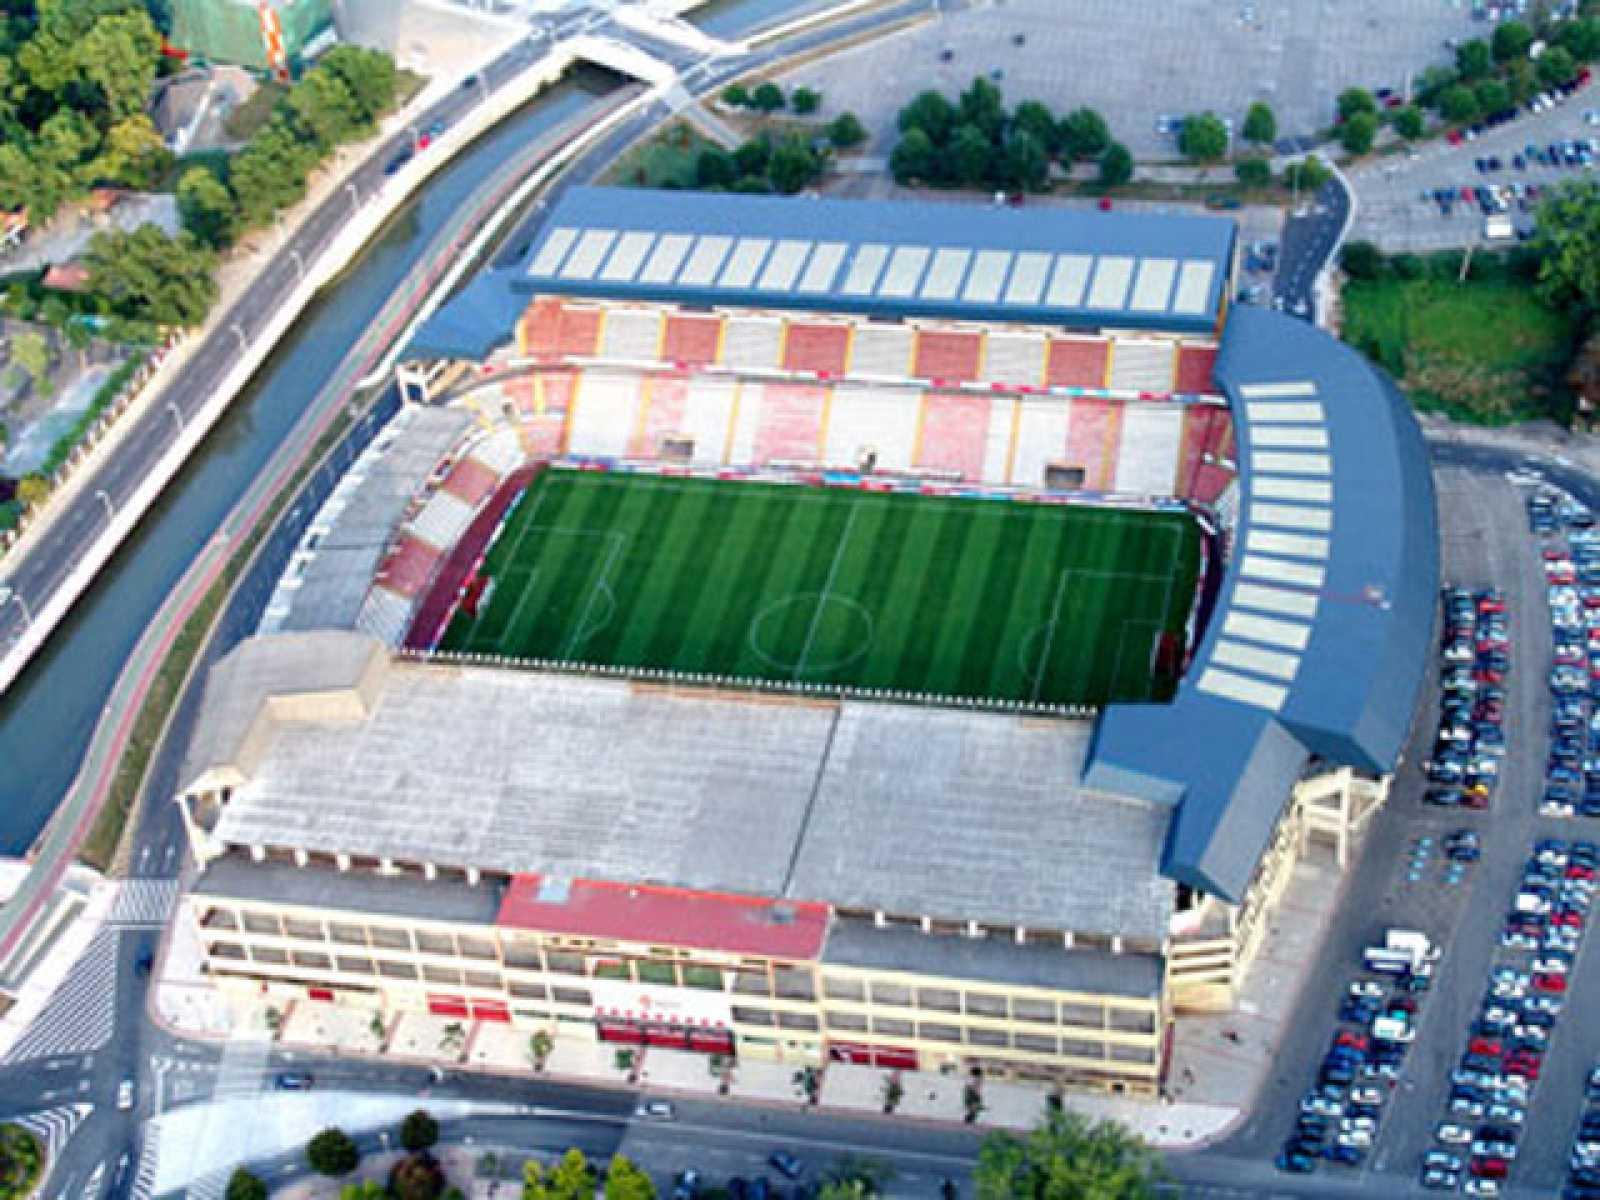 Raúl demostró su calidad en 1997 en El Molinón